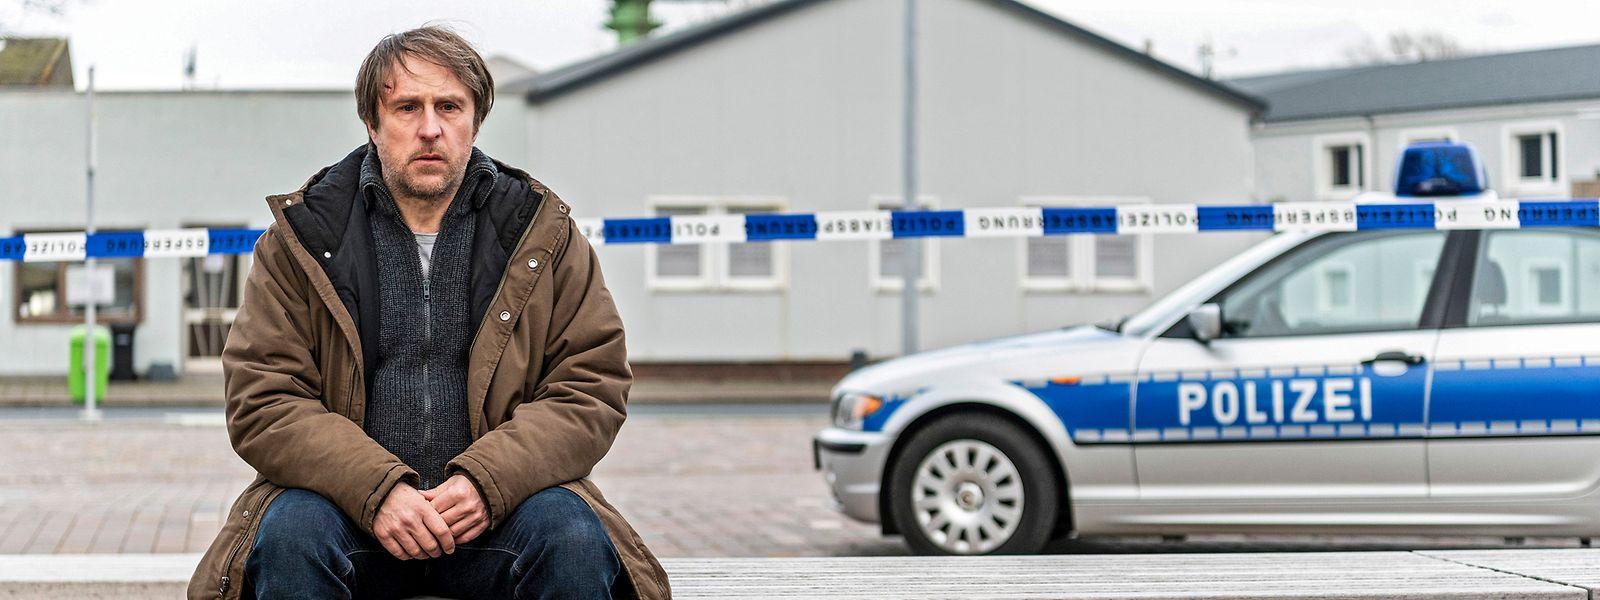 Bjarne Mädel (hier als Kommissar Sörensen), der Mitte der 1990er-Jahre eine Schauspielausbildung an der Hochschule für Film und Fernsehen in Potsdam absolvierte, steht seit rund 20 Jahren vor der Kamera.